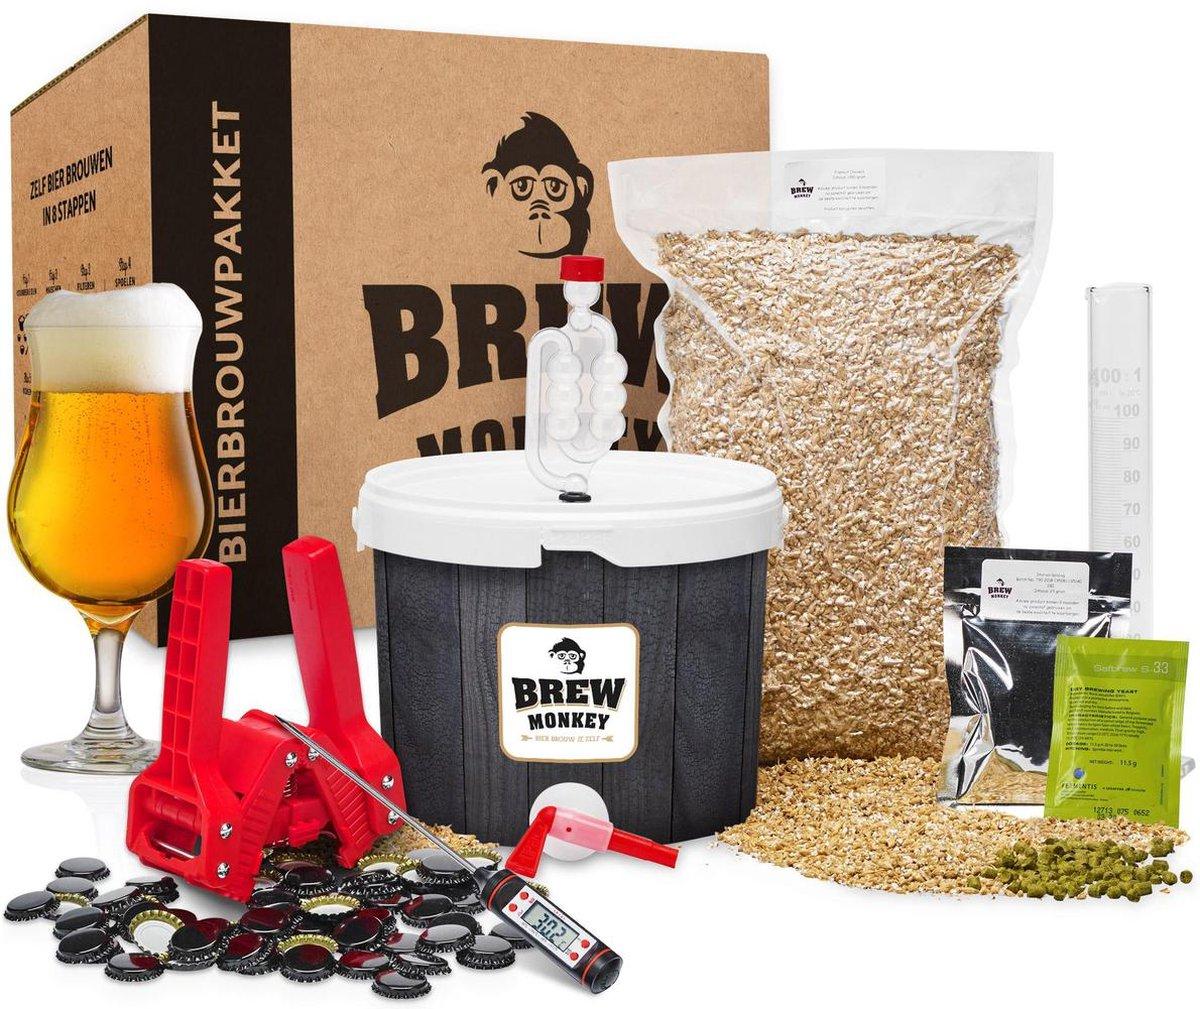 Brew Monkey Bierbrouwpakket - Compleet Tripel bier - Starterspakket bierbrouwen